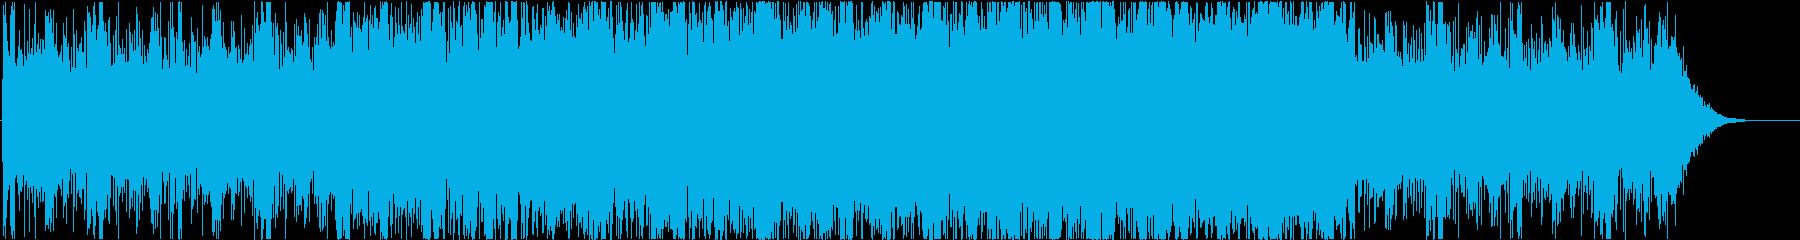 ダークでシリアス感のあるピアノ主体の劇伴の再生済みの波形